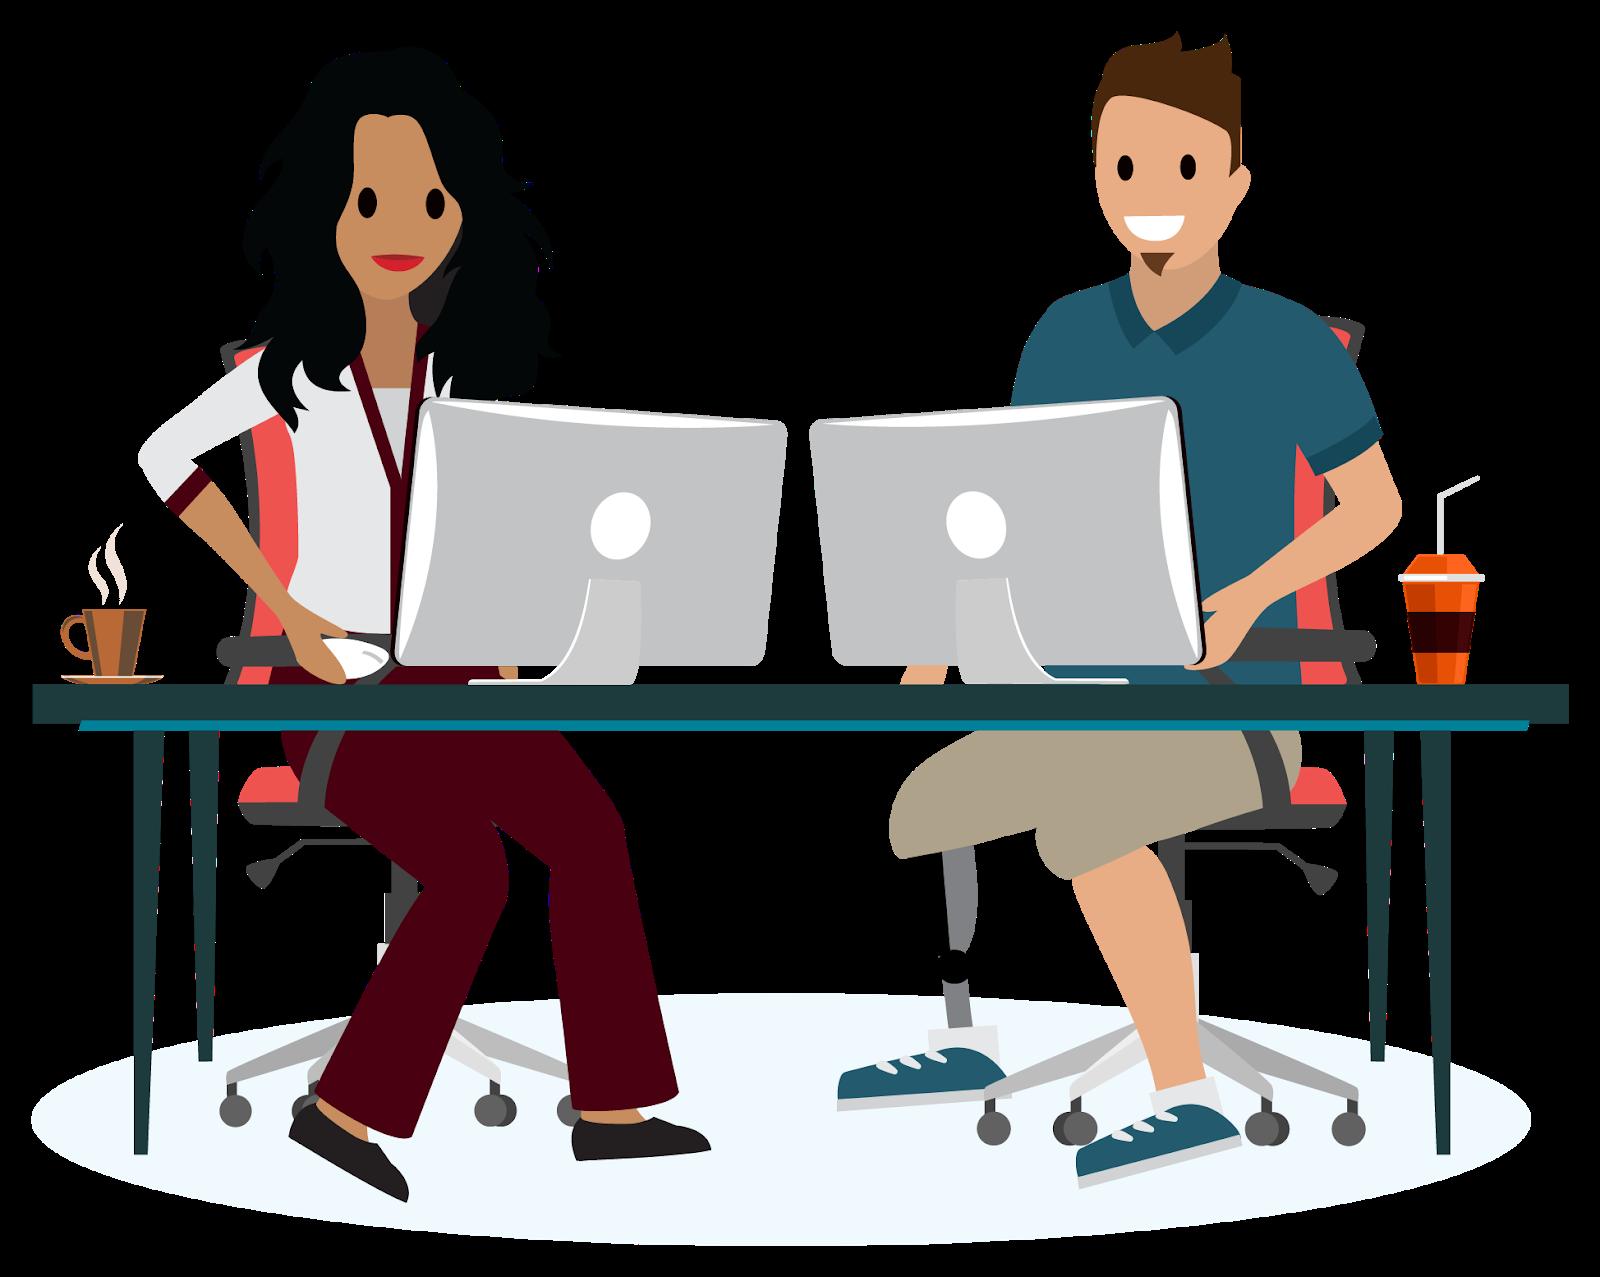 Uma mulher e um homem sentados enquanto utilizam computadores e sorriem. O homem possui uma prótese na perna.